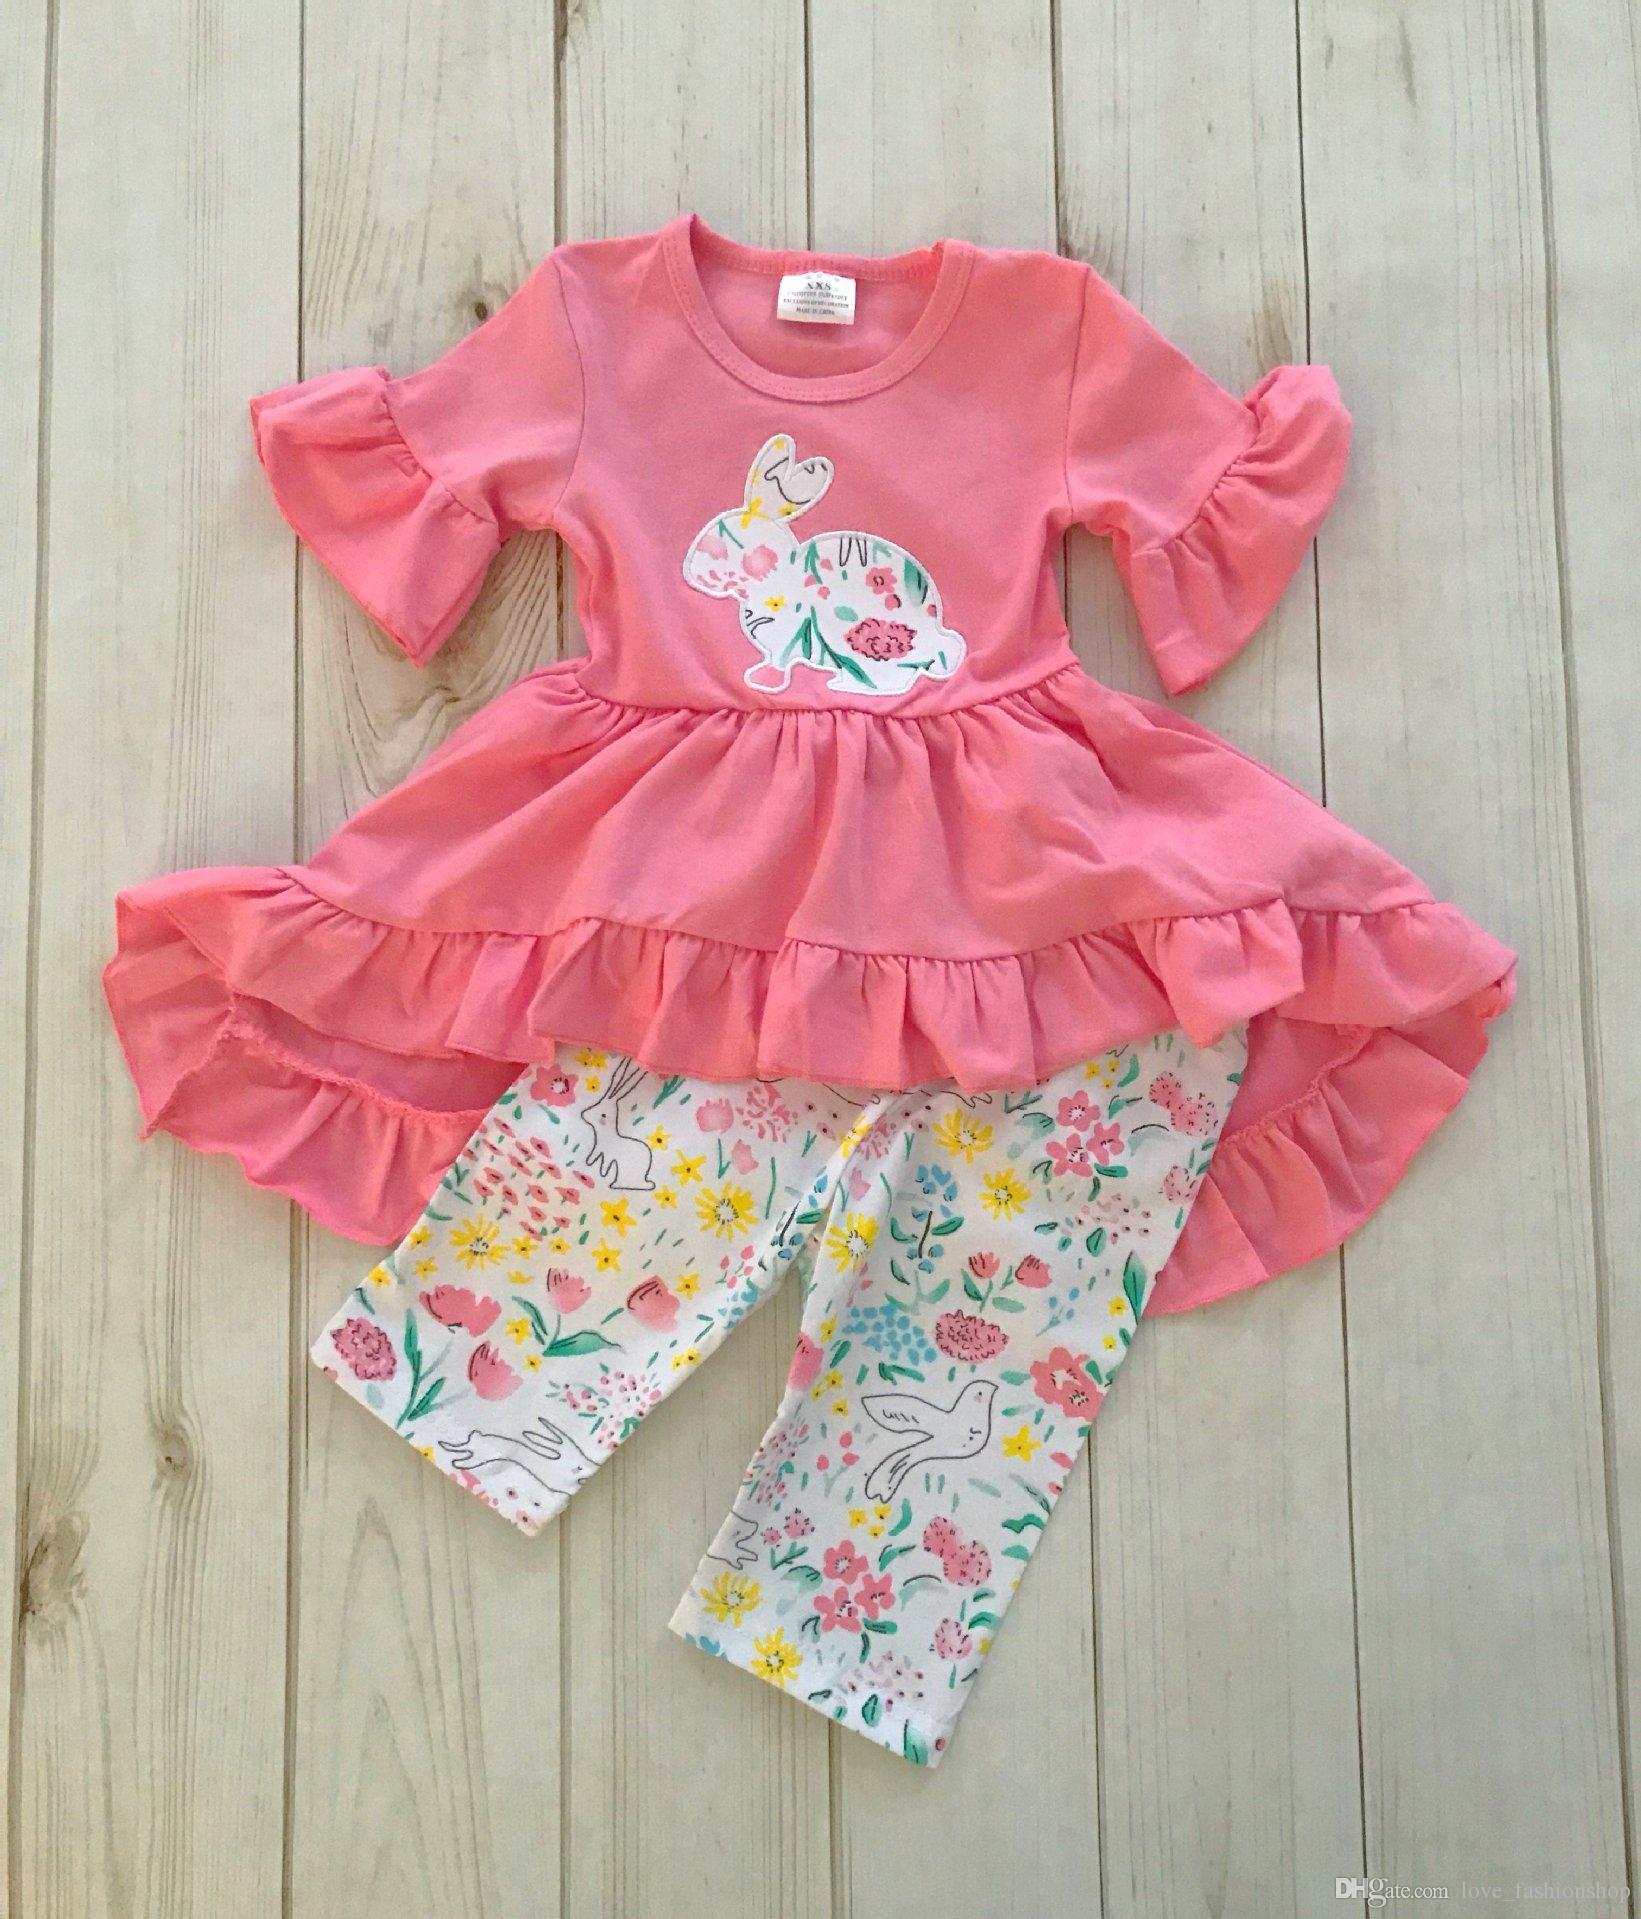 Neue Baby Mädchen Kaninchen Gestickte Zweiteilige Anzüge Set Ruffle Kleid + Blume Gedruckt Hose Outfits Kinder Halloween Cosplay Kostüme Kleidung